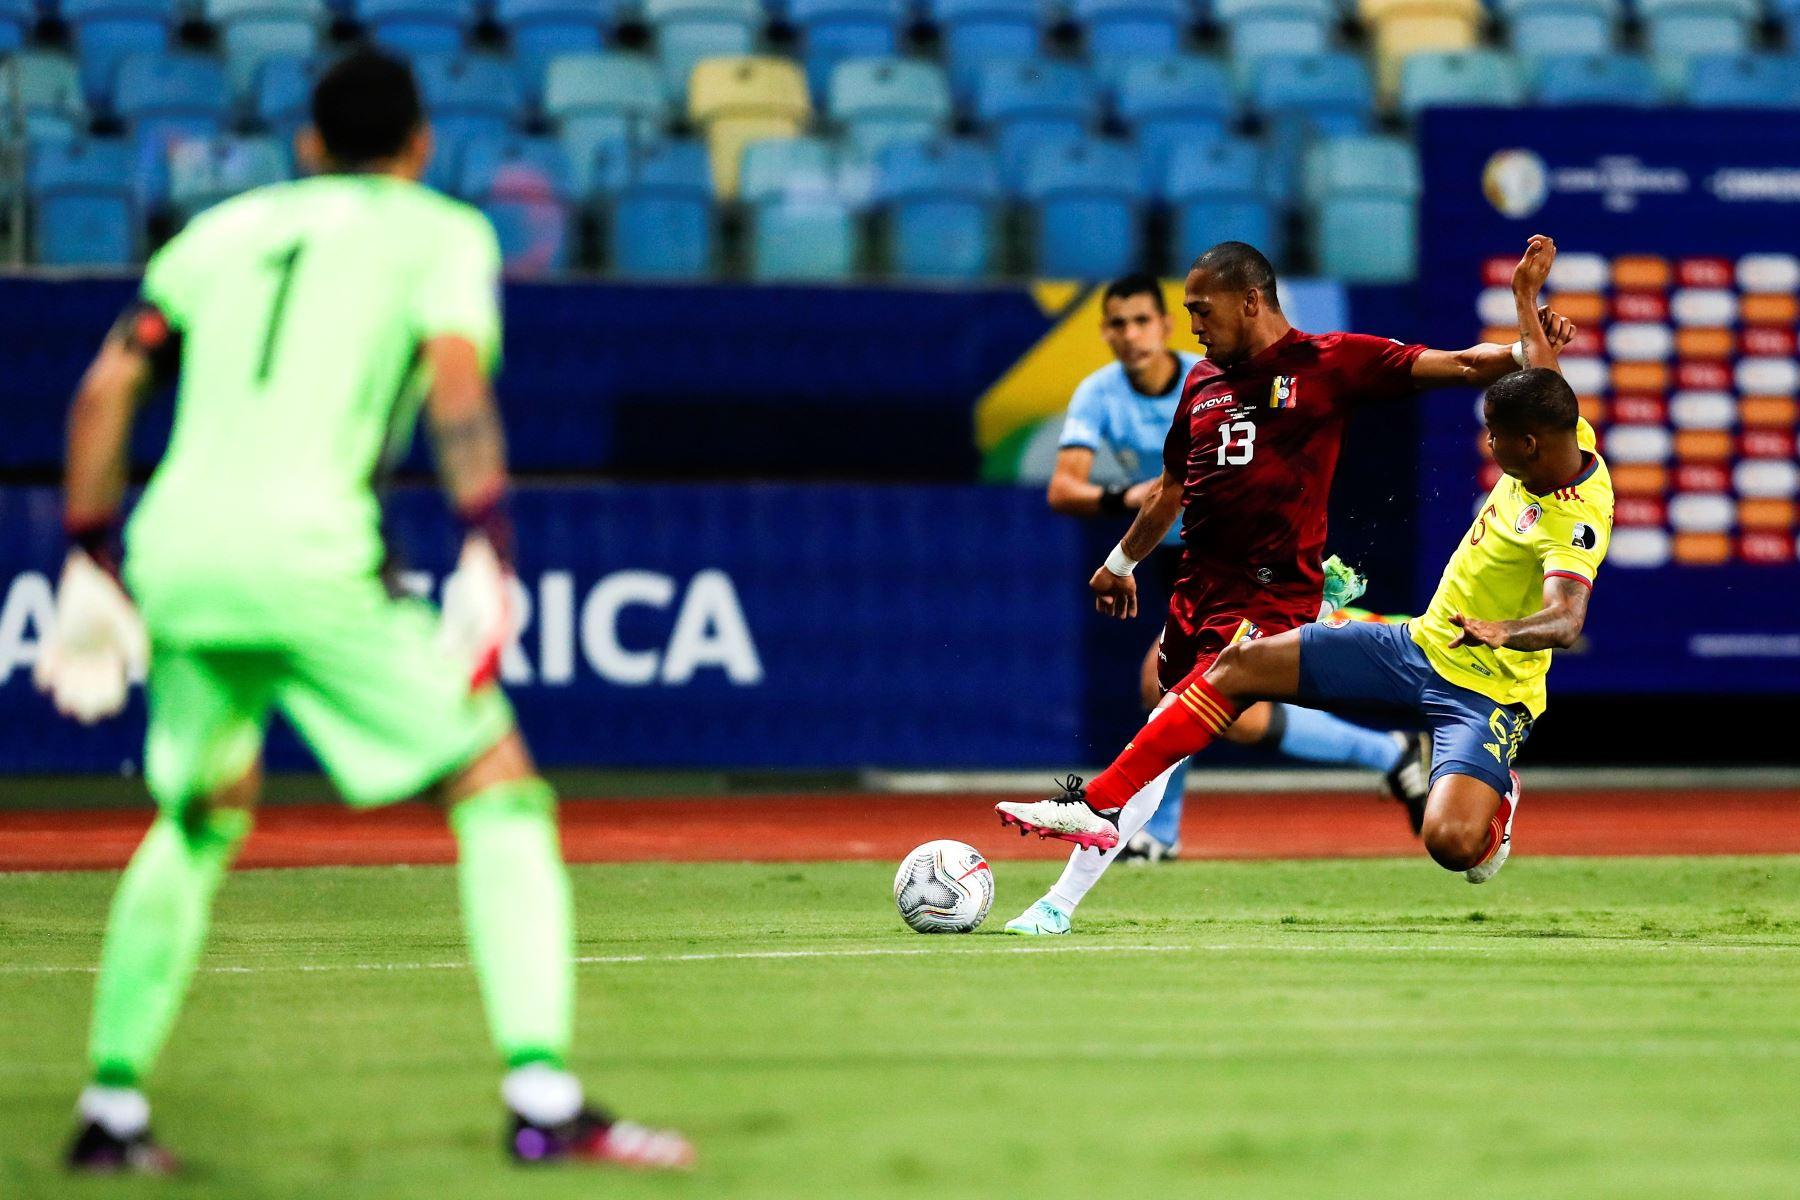 Wilmar Barrios de Colombia disputa el balón con José Martínez de Venezuela durante partido por el grupo B de la Copa América en el Estadio Olímpico Pedro Ludovico Teixeira, en Goiania, Brasil. Foto: EFE